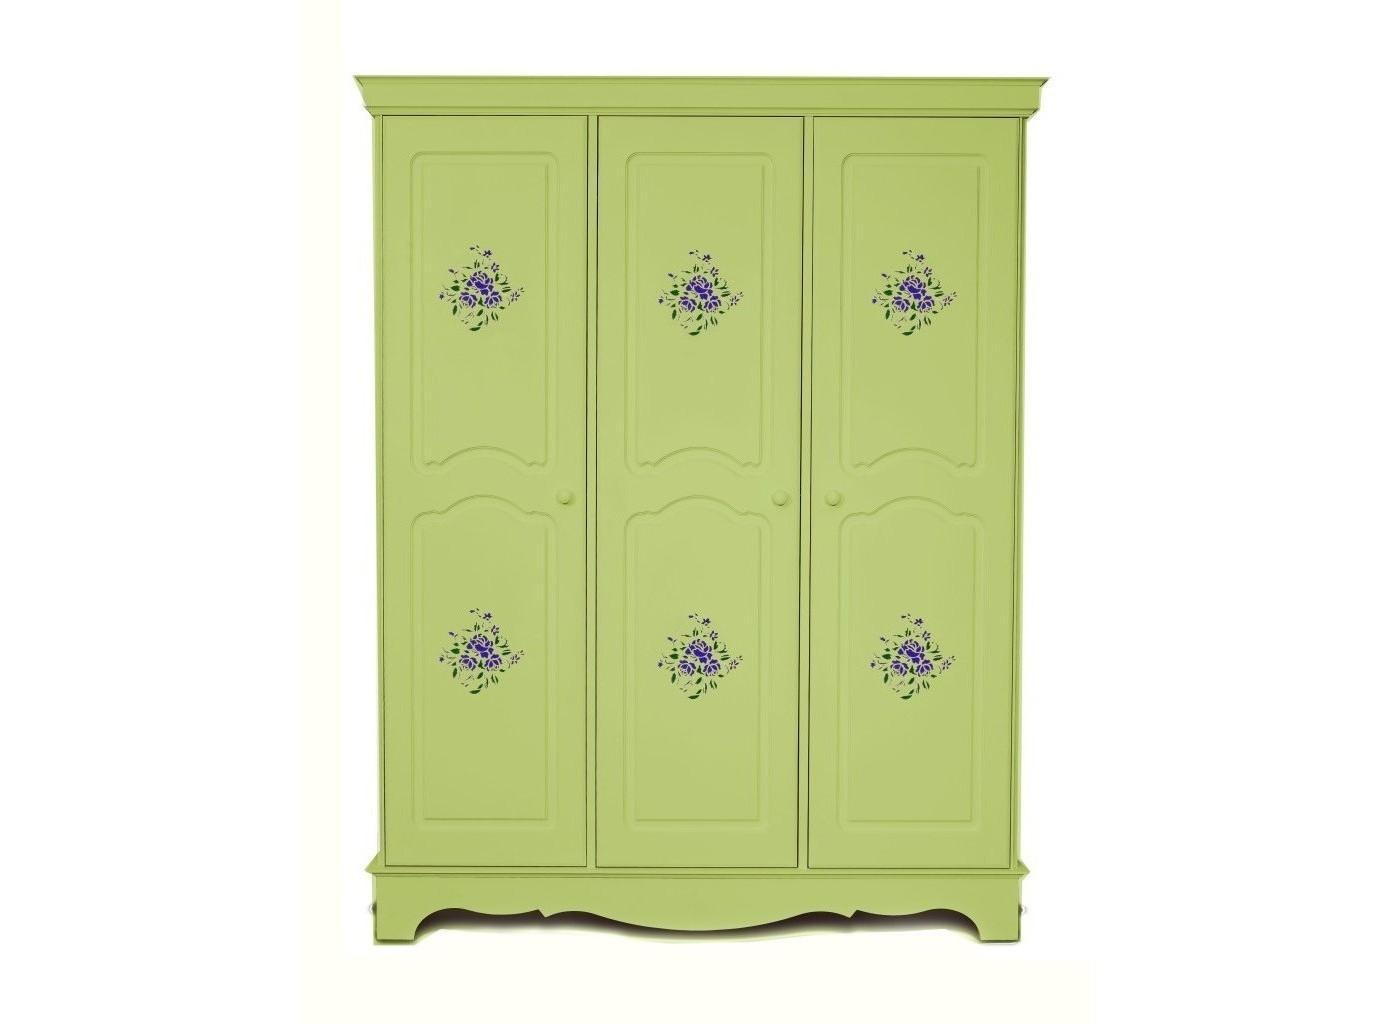 Шкаф трехстворчатый Belle Fleur OliveПлатяные шкафы<br>Стильный шкаф Belle Fleur Olive. Belle Fleur Olive наполнит свежестью вашу спальню и  станет замечательным акцентом интерьера.&amp;amp;nbsp;<br><br>Material: Дерево<br>Width см: 160<br>Depth см: 60<br>Height см: 206